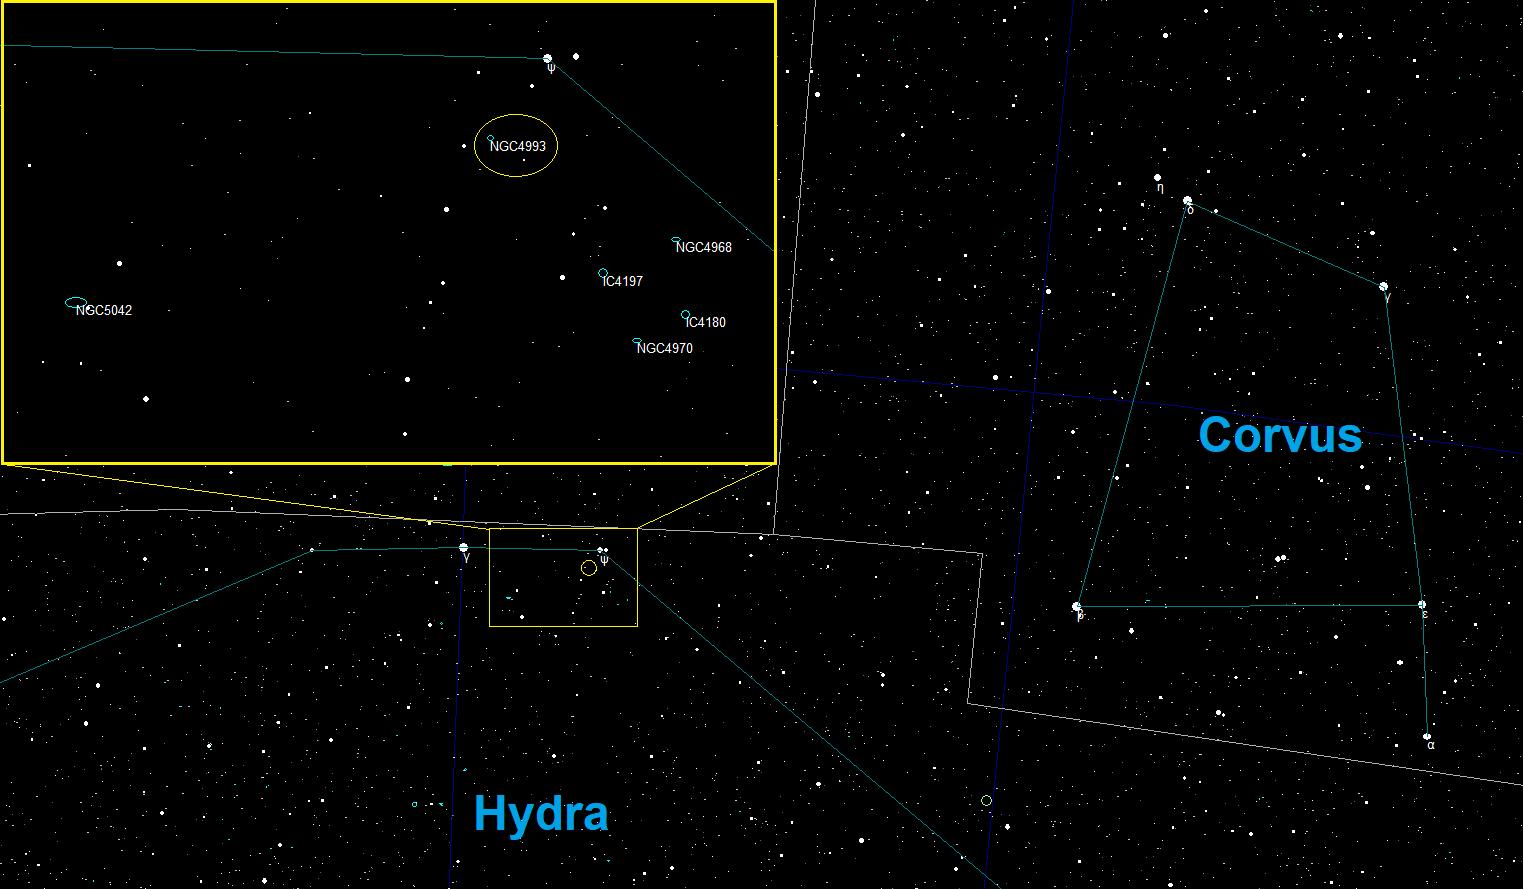 NGC4993 map